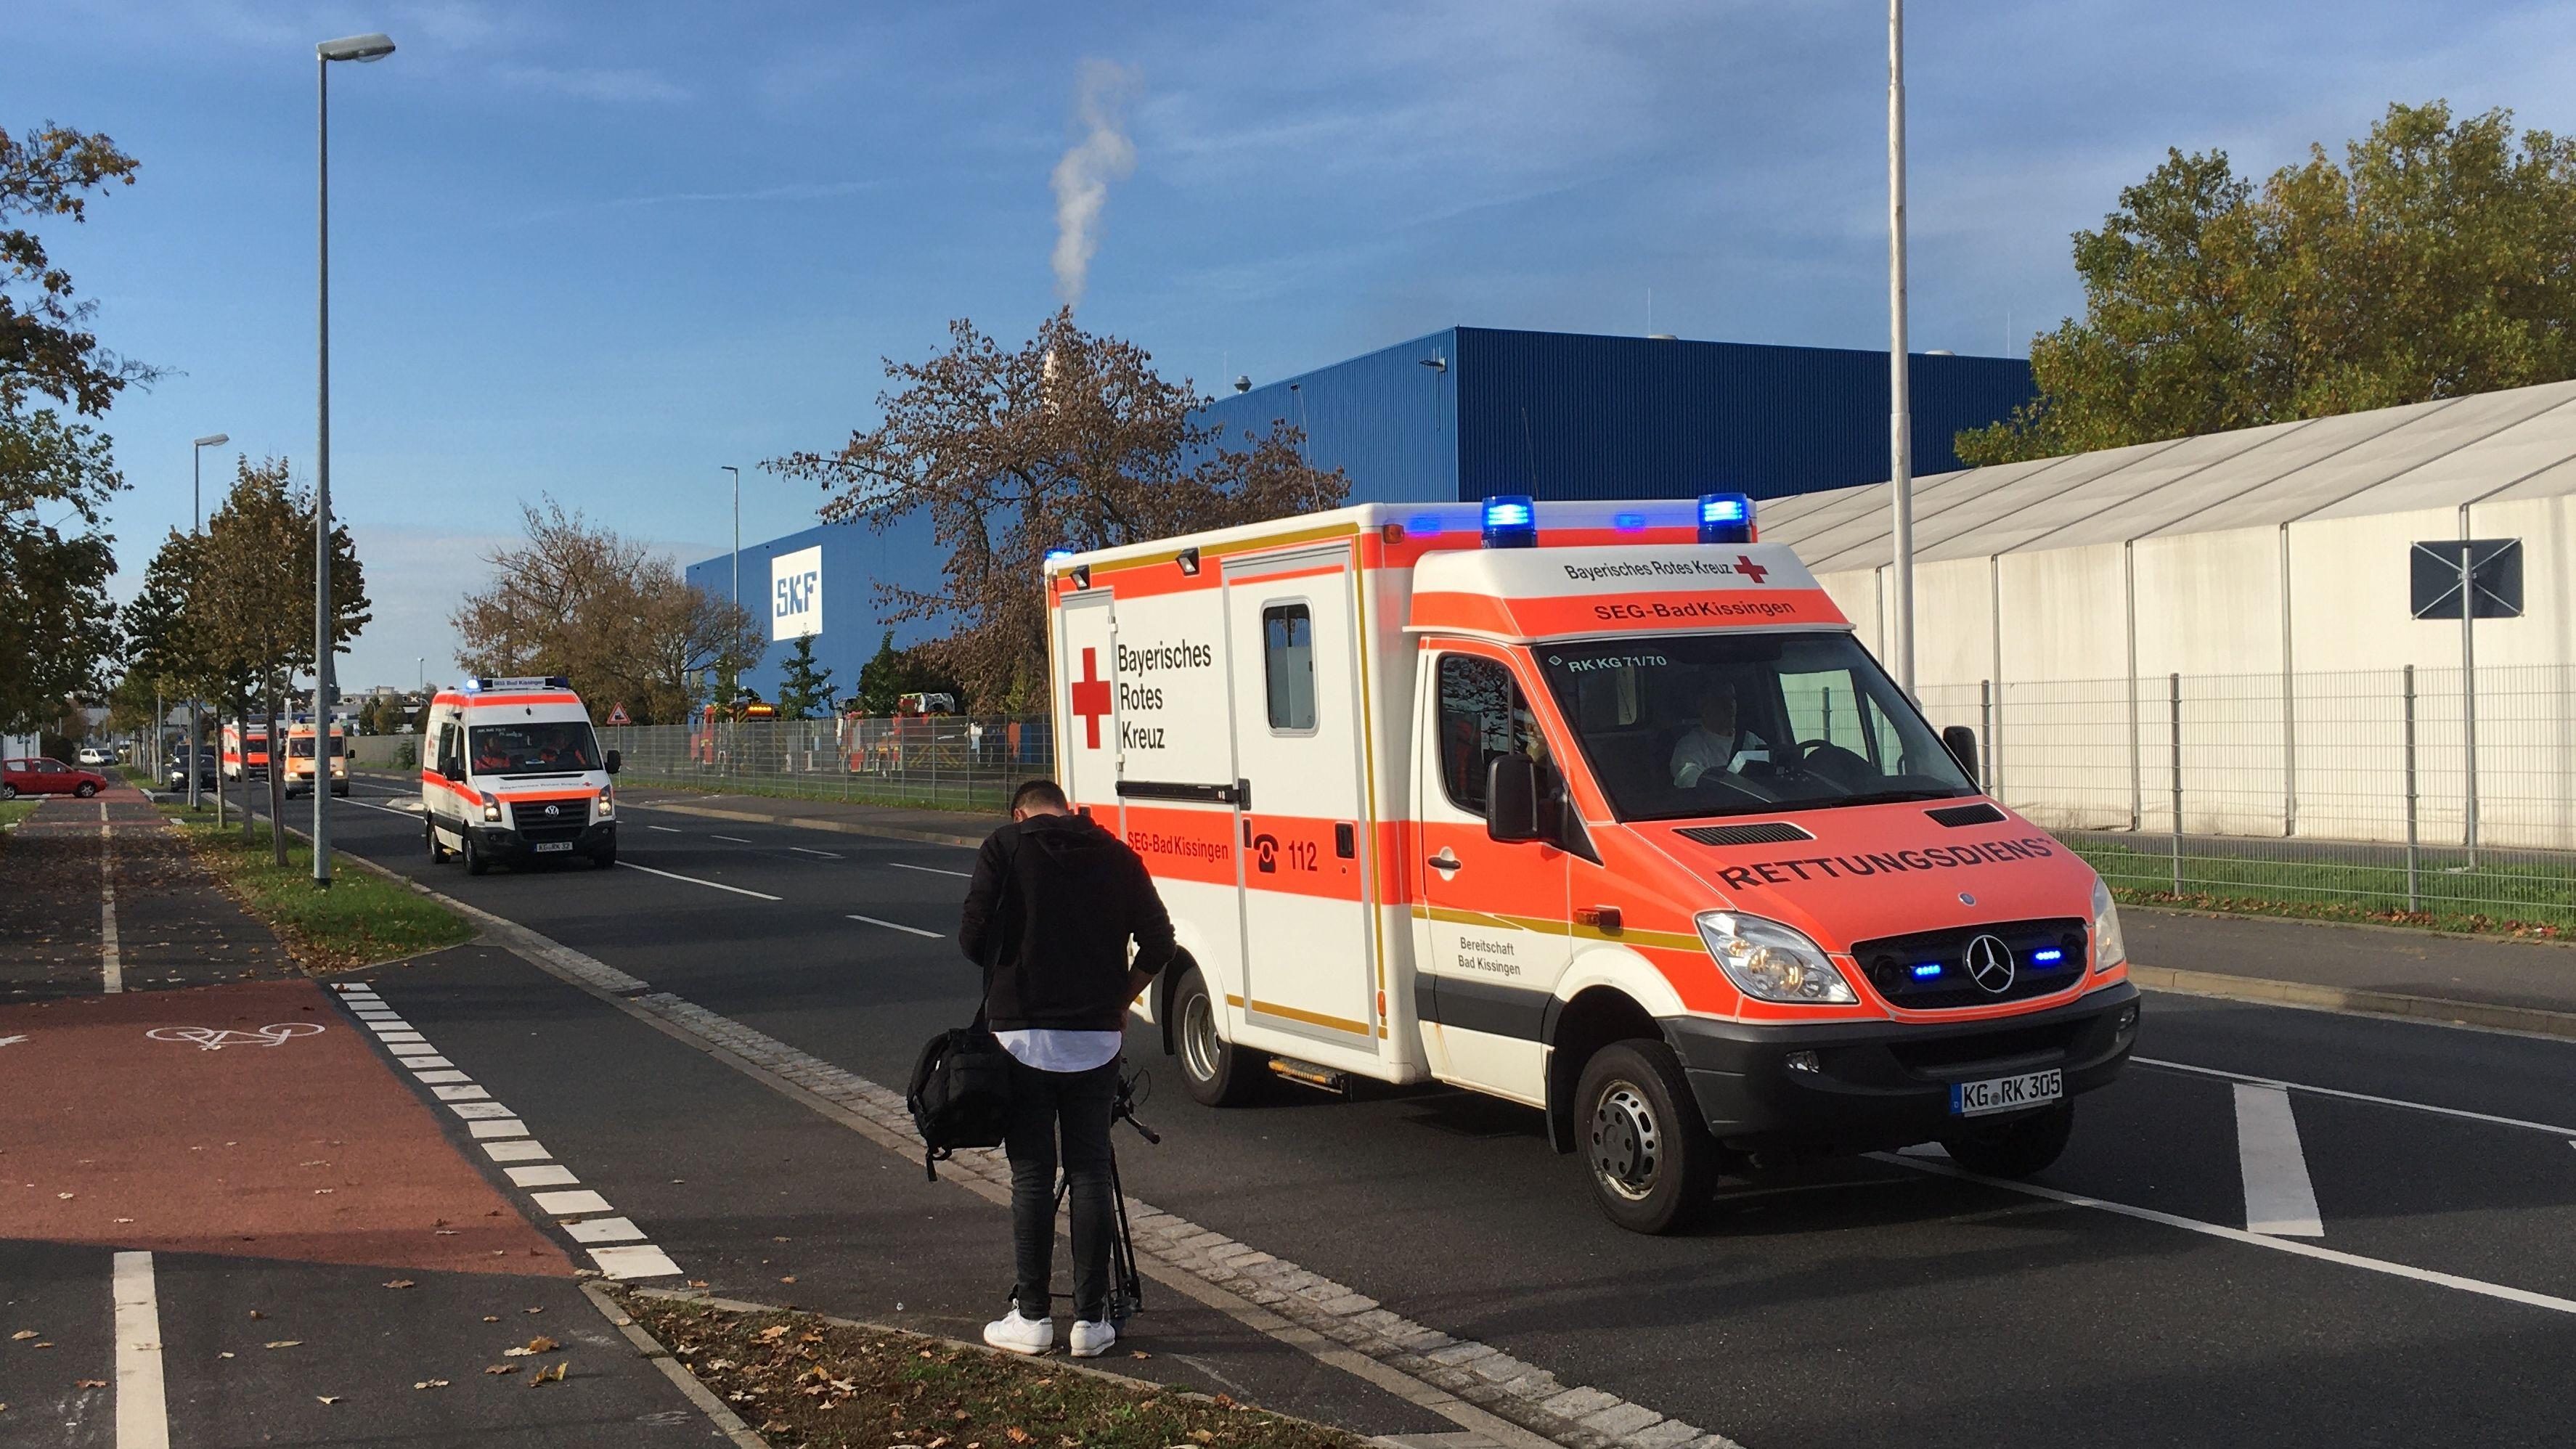 Rettungswägen vor dem SKF-Gelände in Schweinfurt